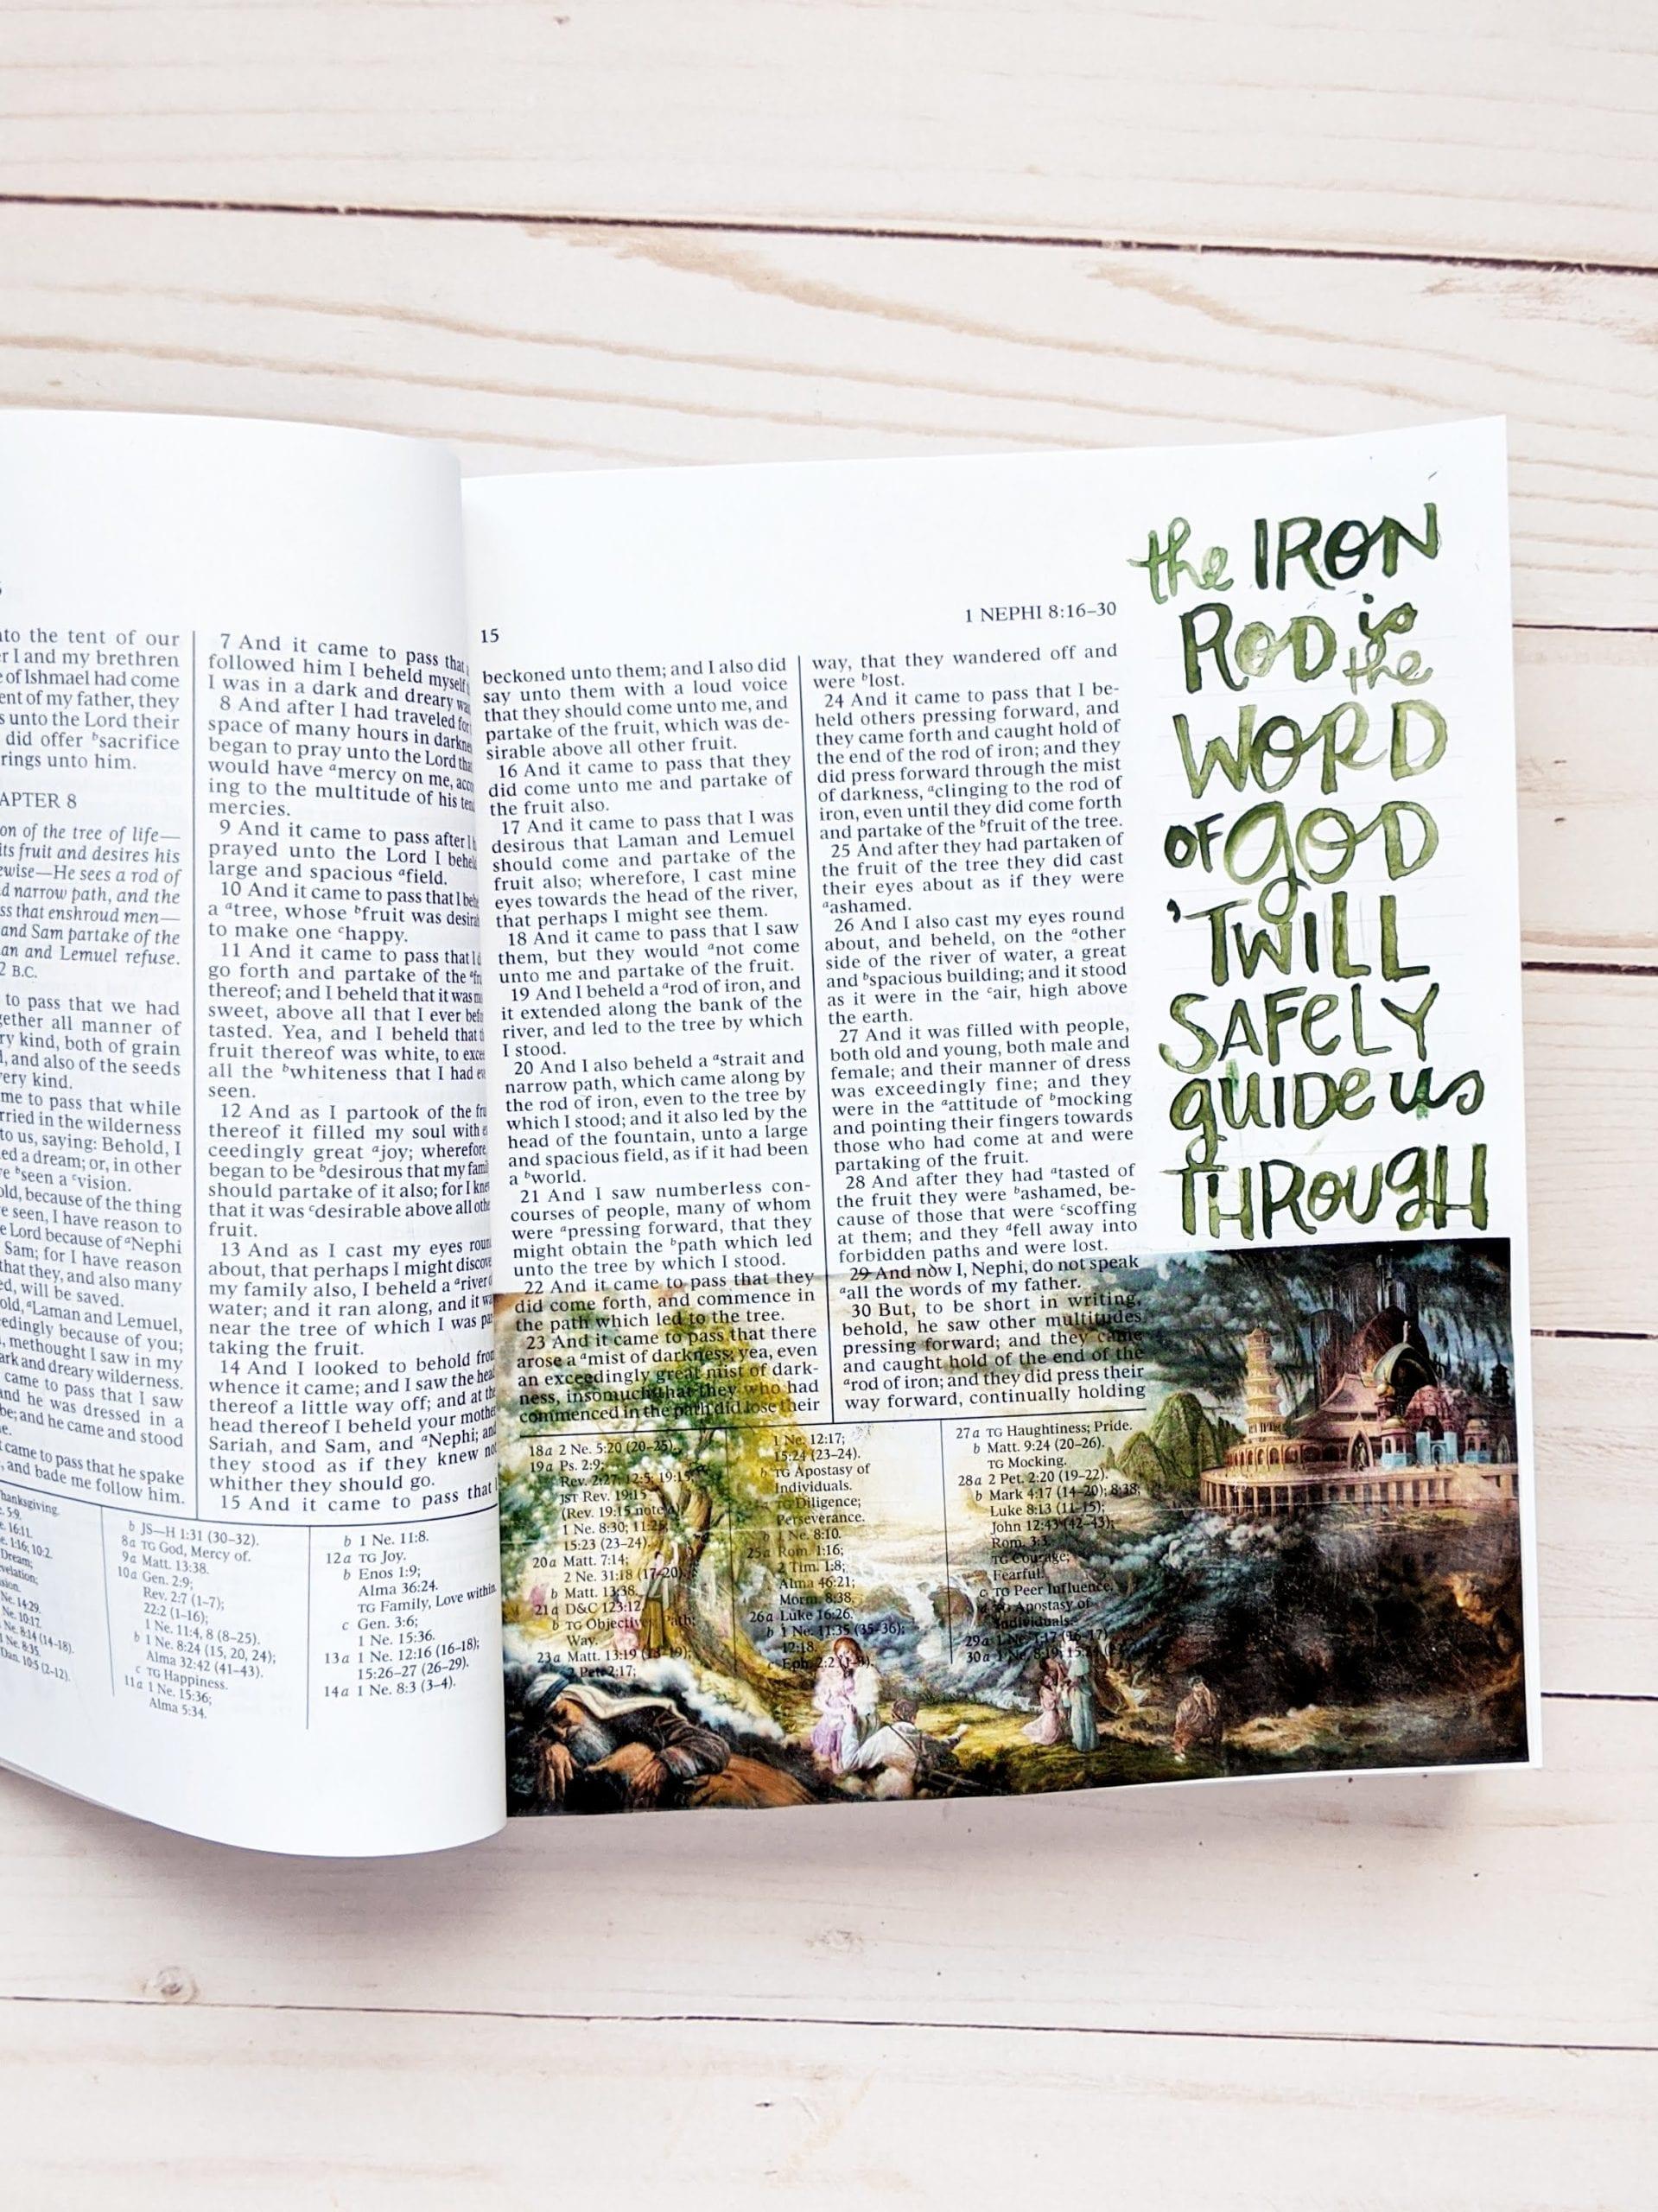 book-of-rmon-journaling